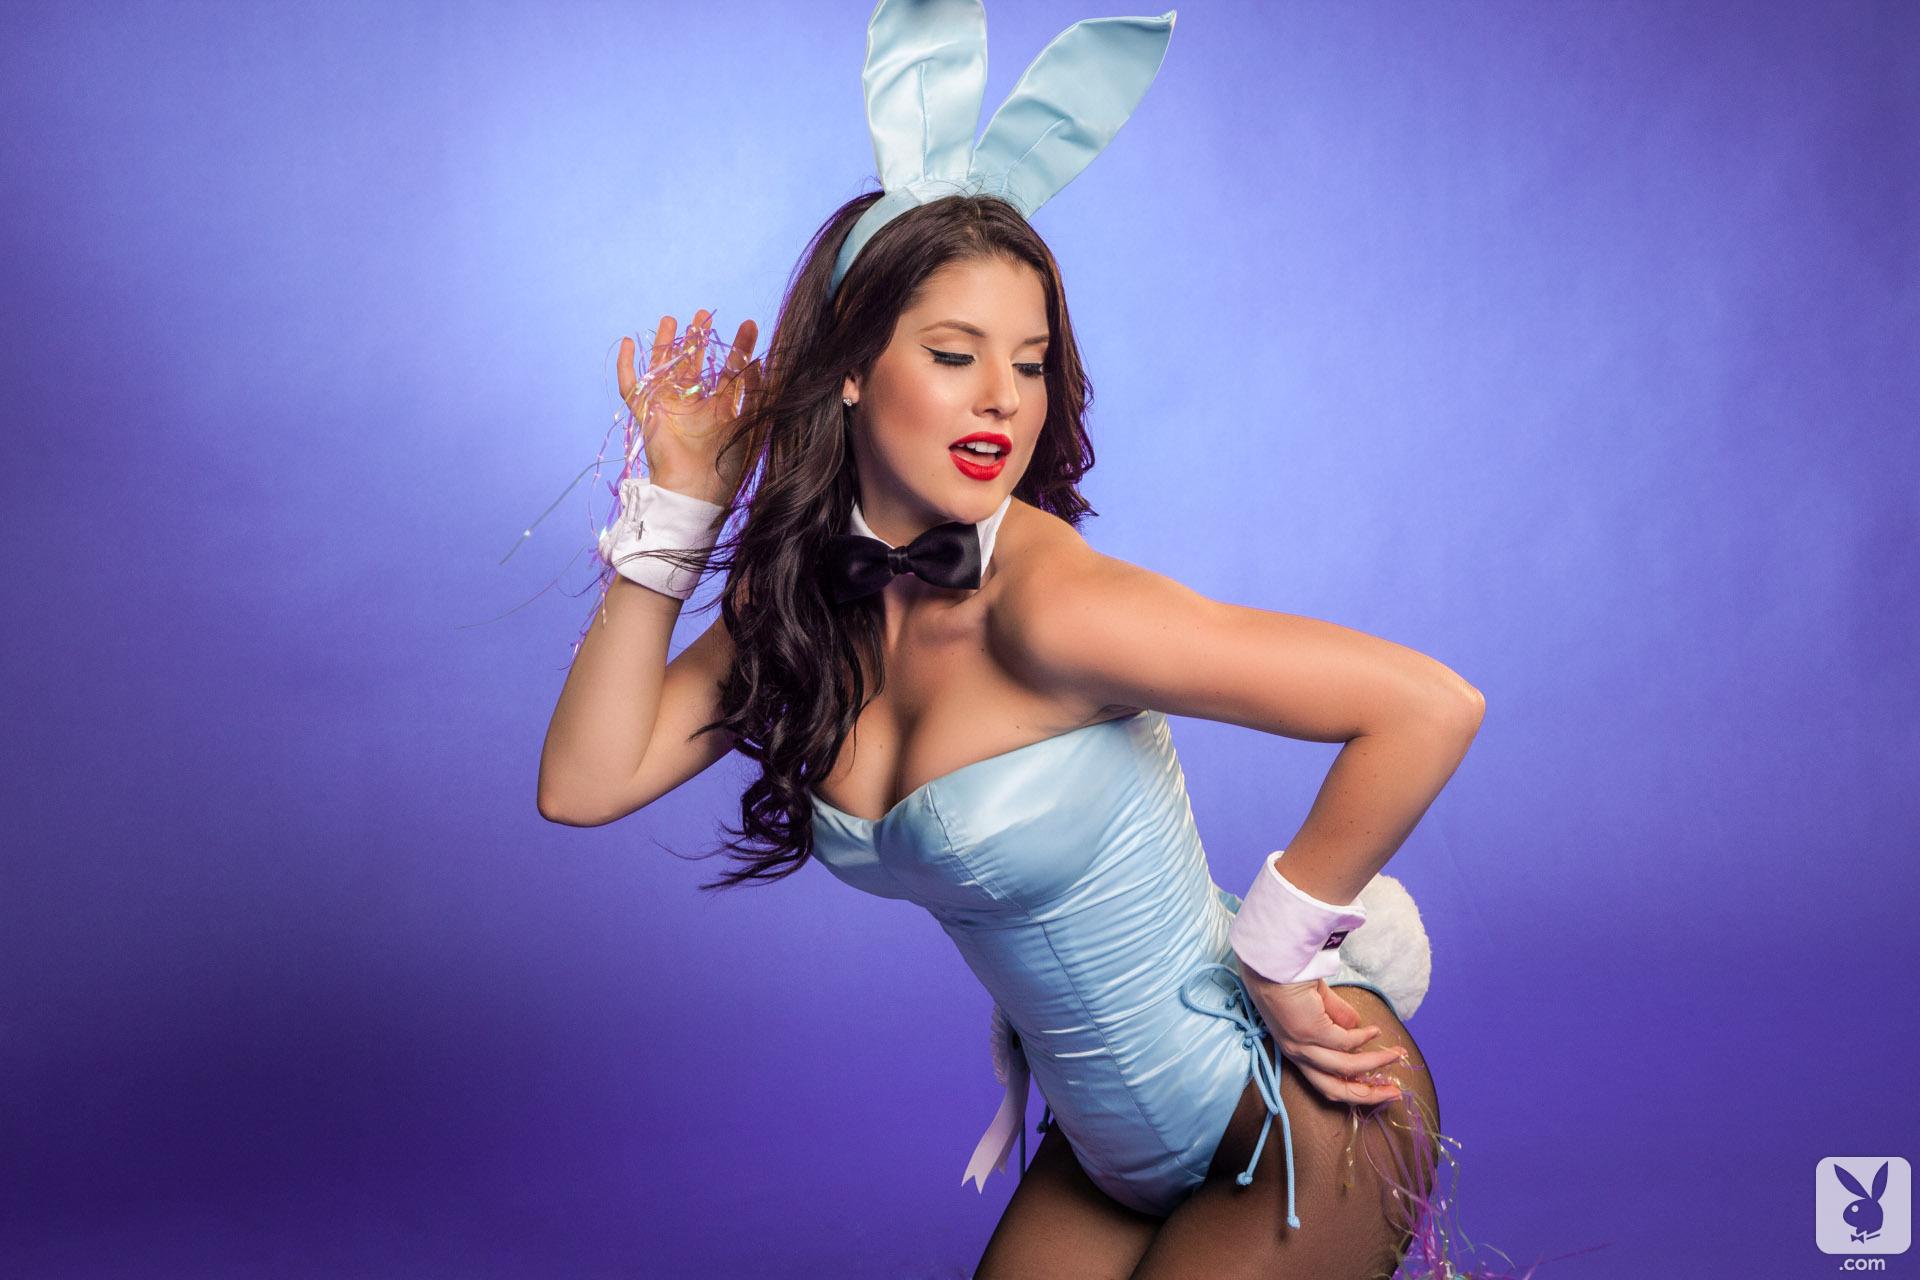 Фото девушки в костюме зайца 8 фотография